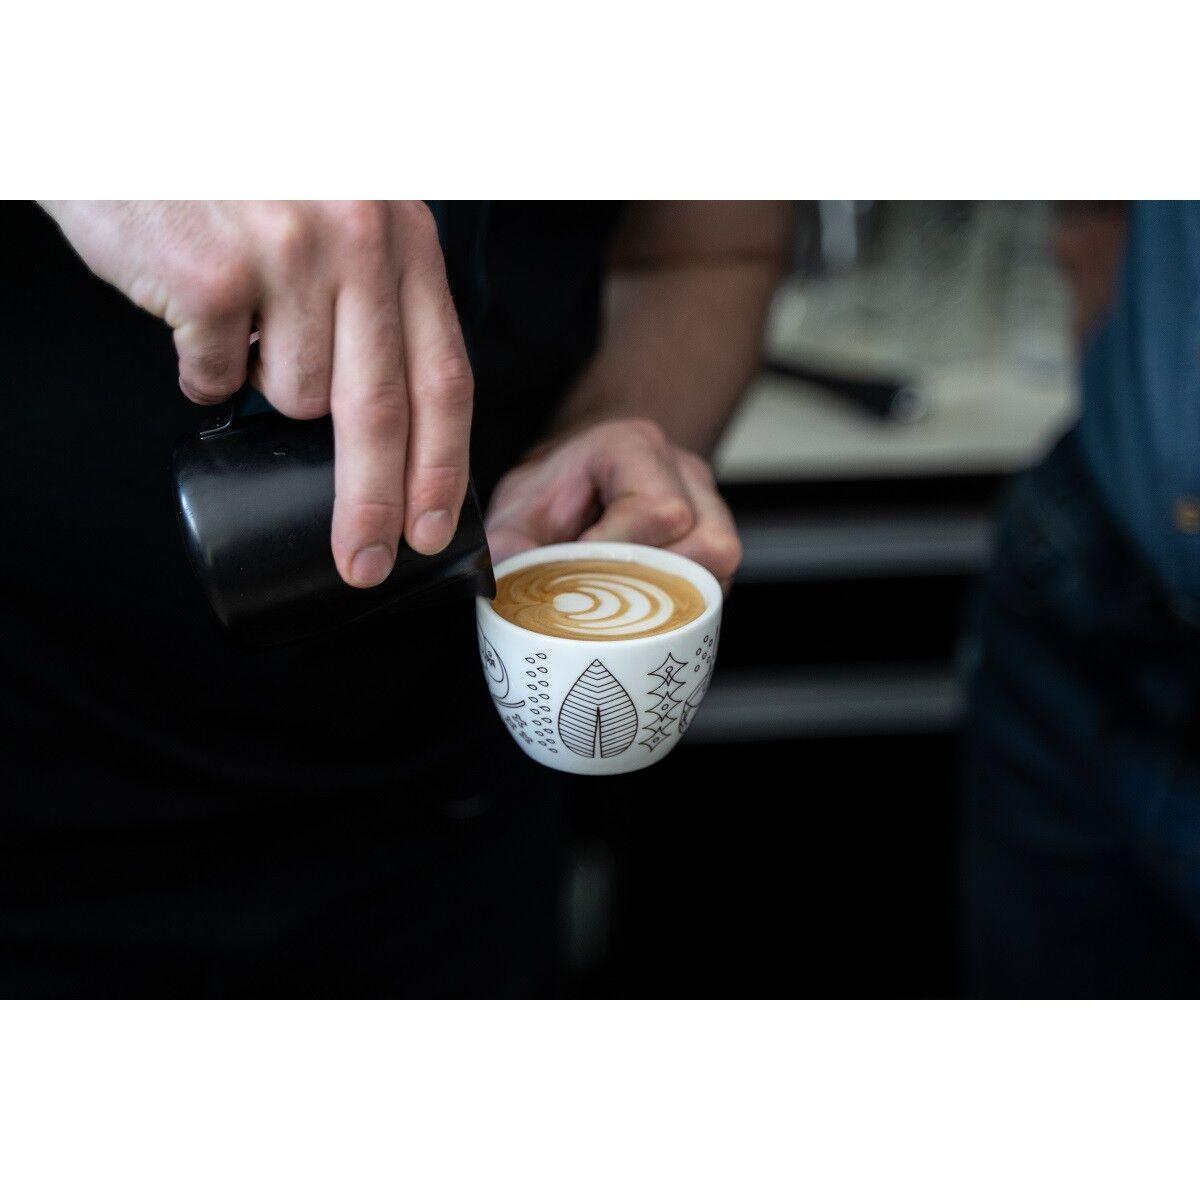 Zdokonalujeme latte art